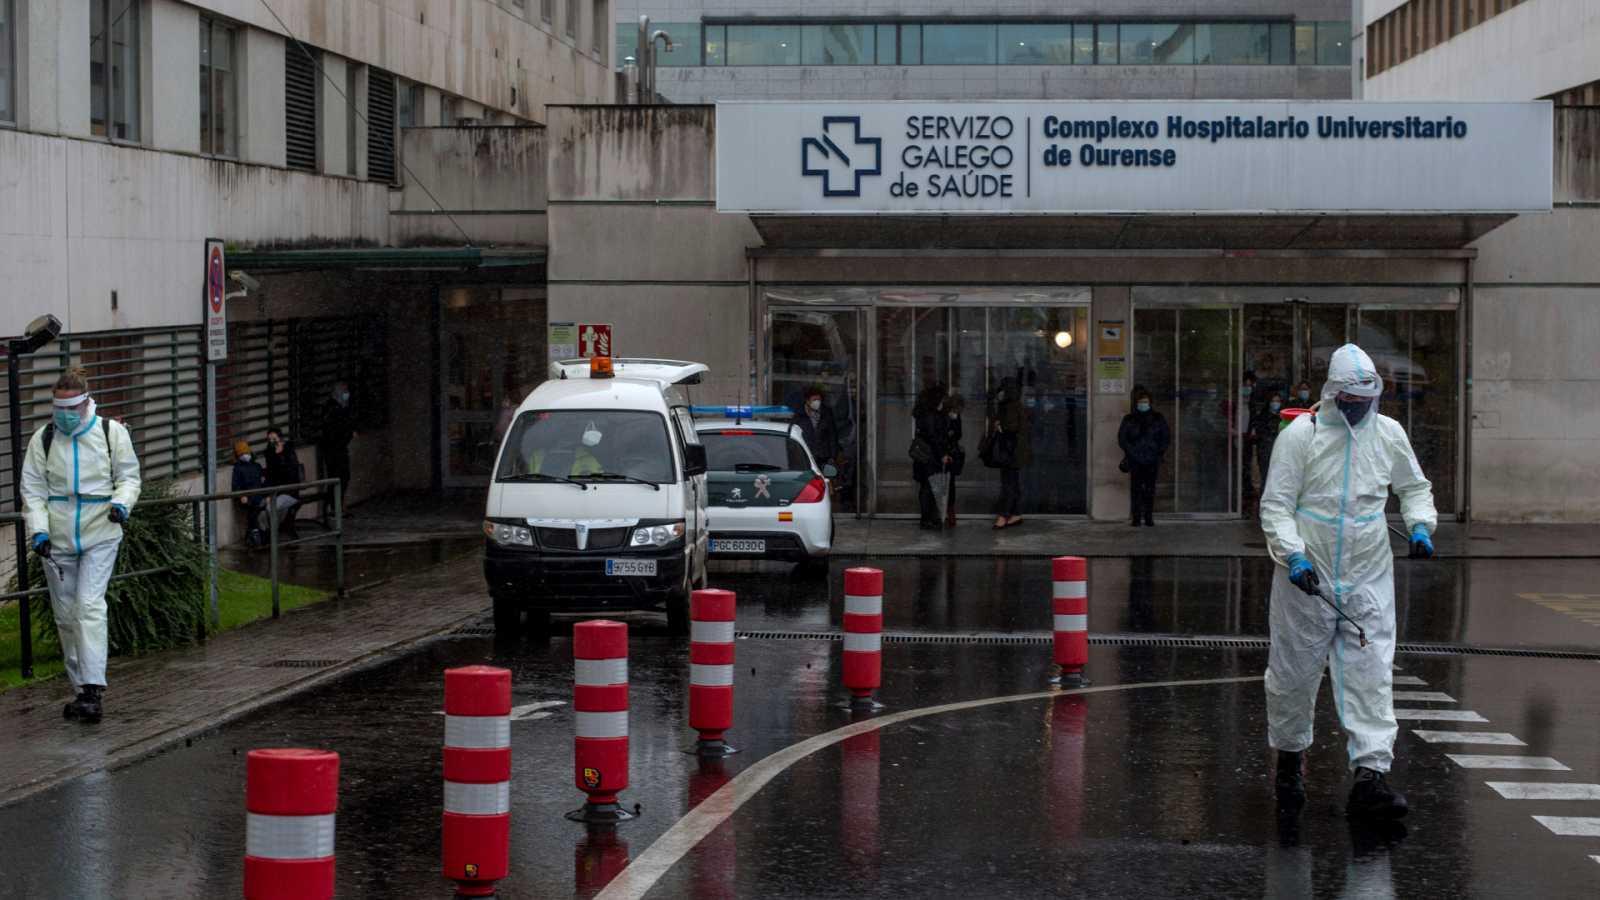 Boletines RNE - España registra 591 fallecidos con coronavirus en 24 horas, el peor dato desde la primera ola - Escuchar ahora